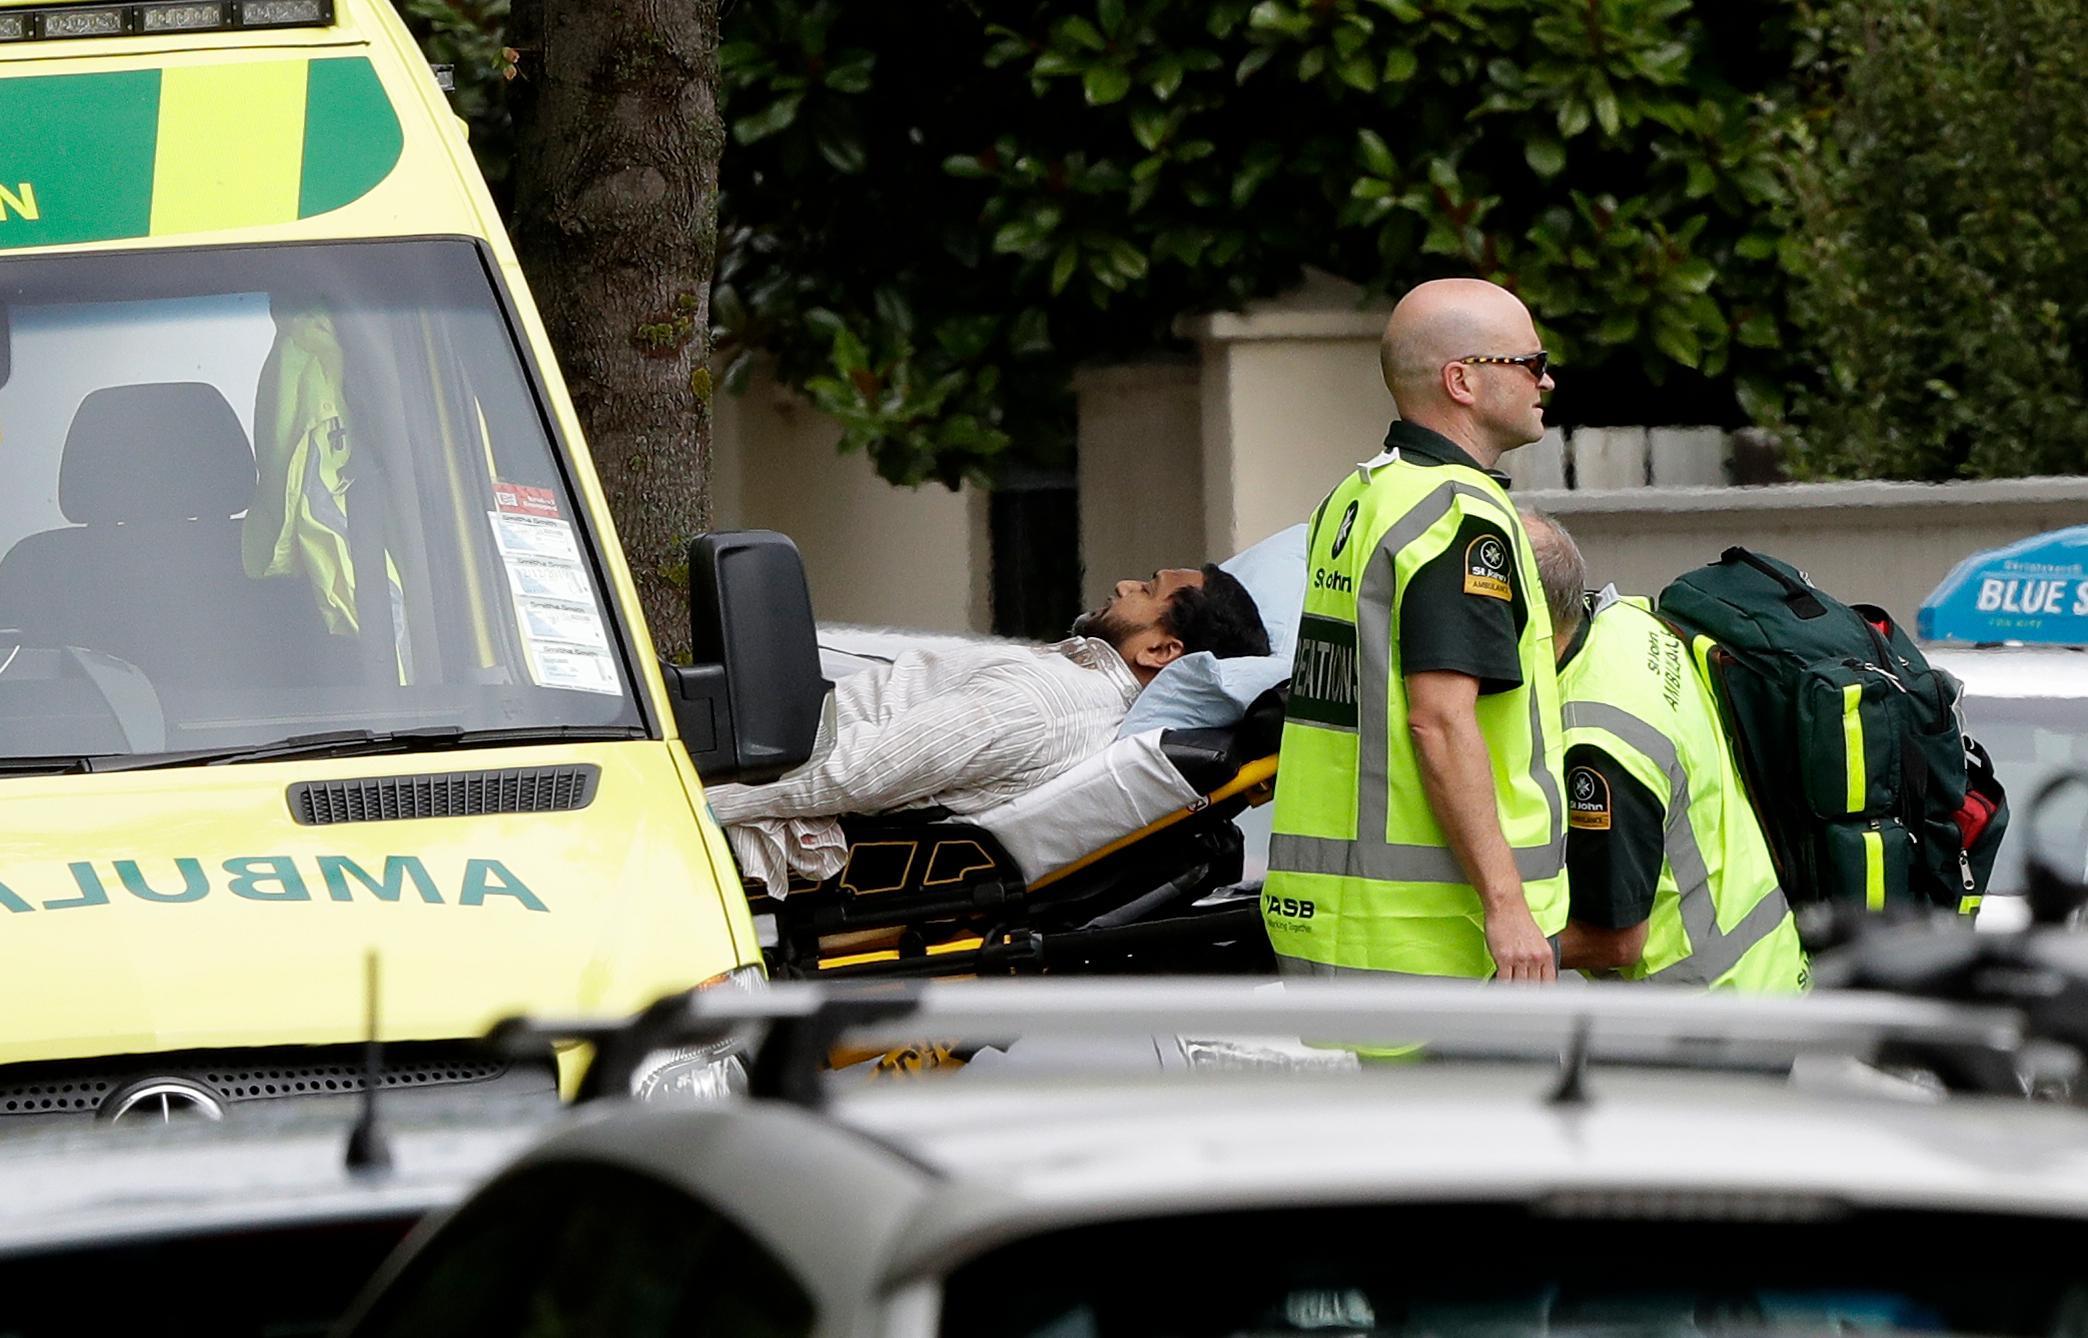 بالصور ..   مقتل 40 شخصا في إطلاق نار بمسجدين في نيوزيلاندا